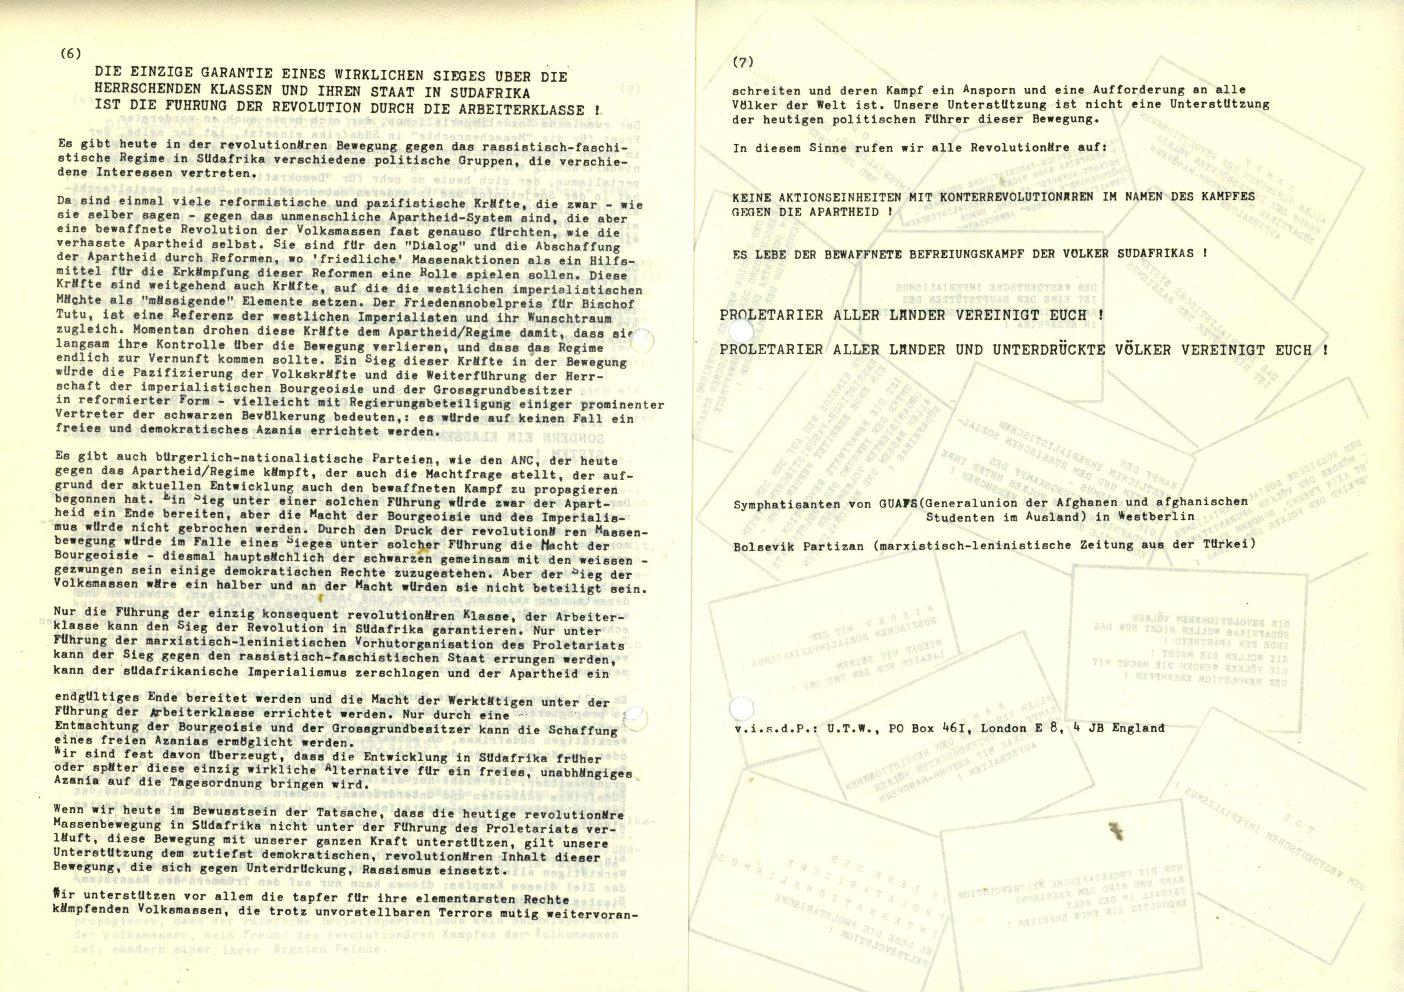 Tuerkei_Bolsevik_Partizan_Flugschriften_1985_07_04